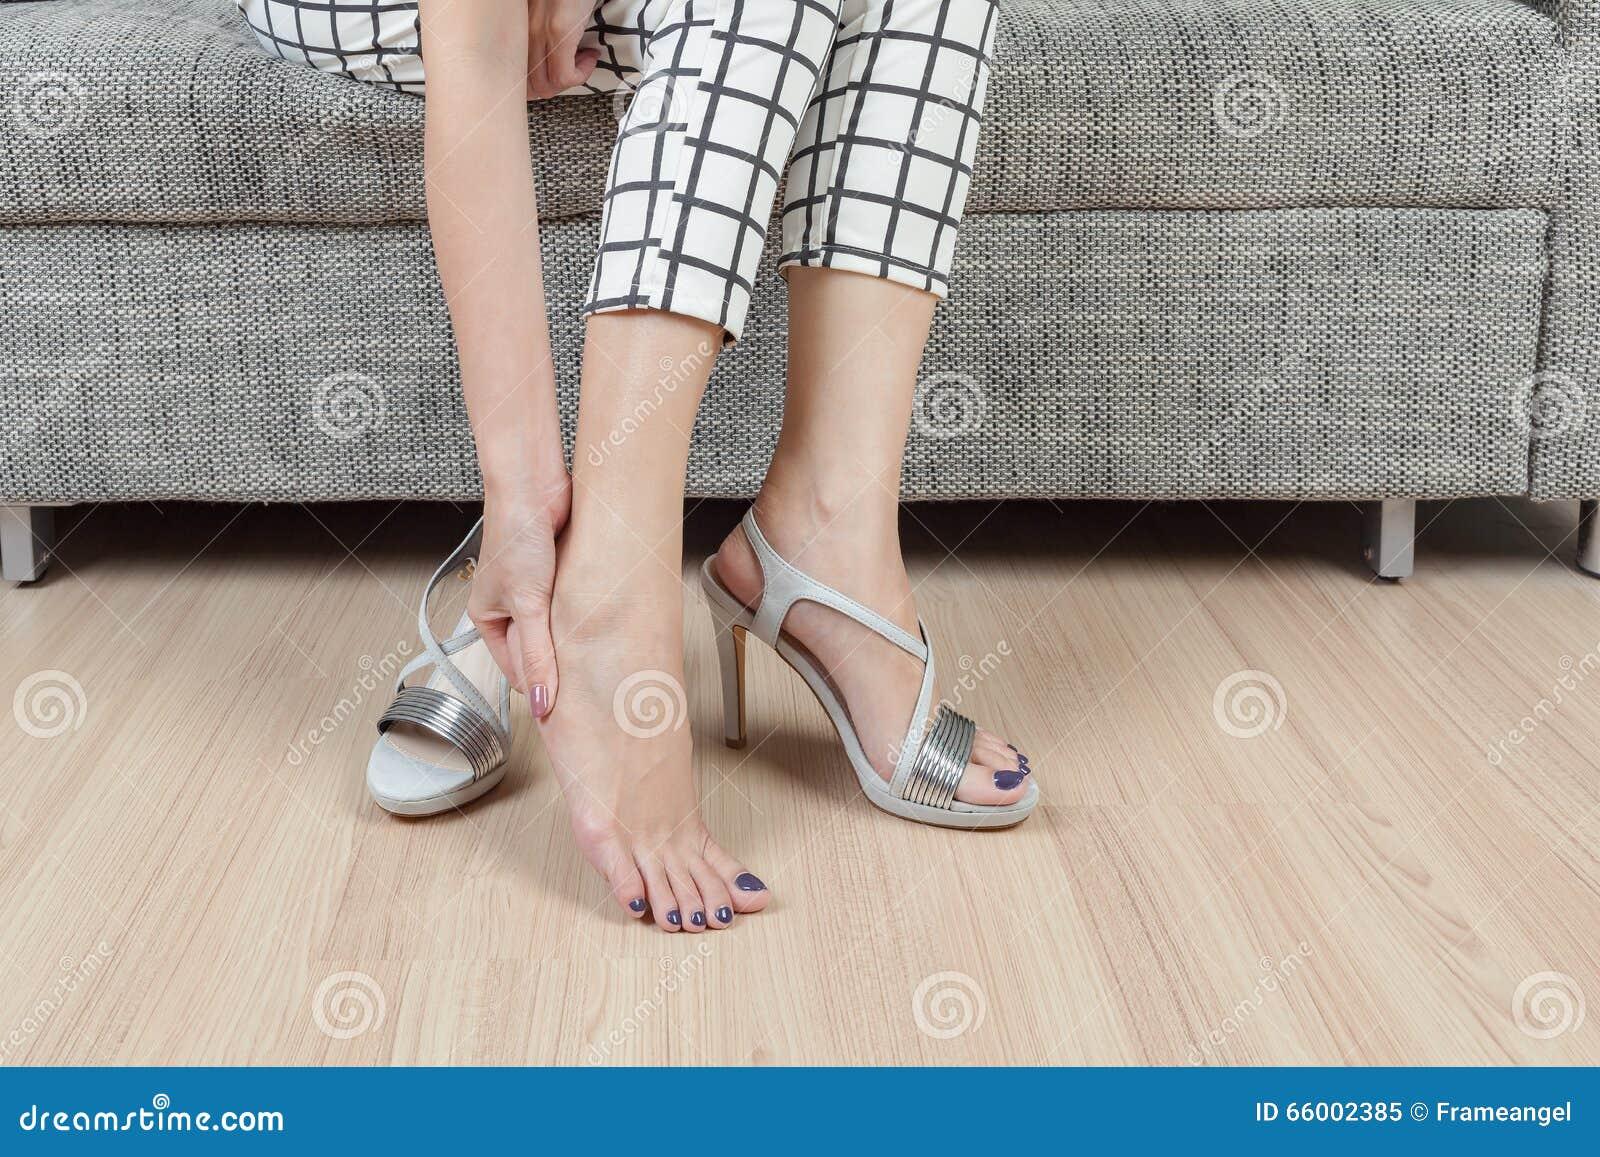 La donna si siede sulla sedia e la mano femminile con dolore del piede dopo, prende SH